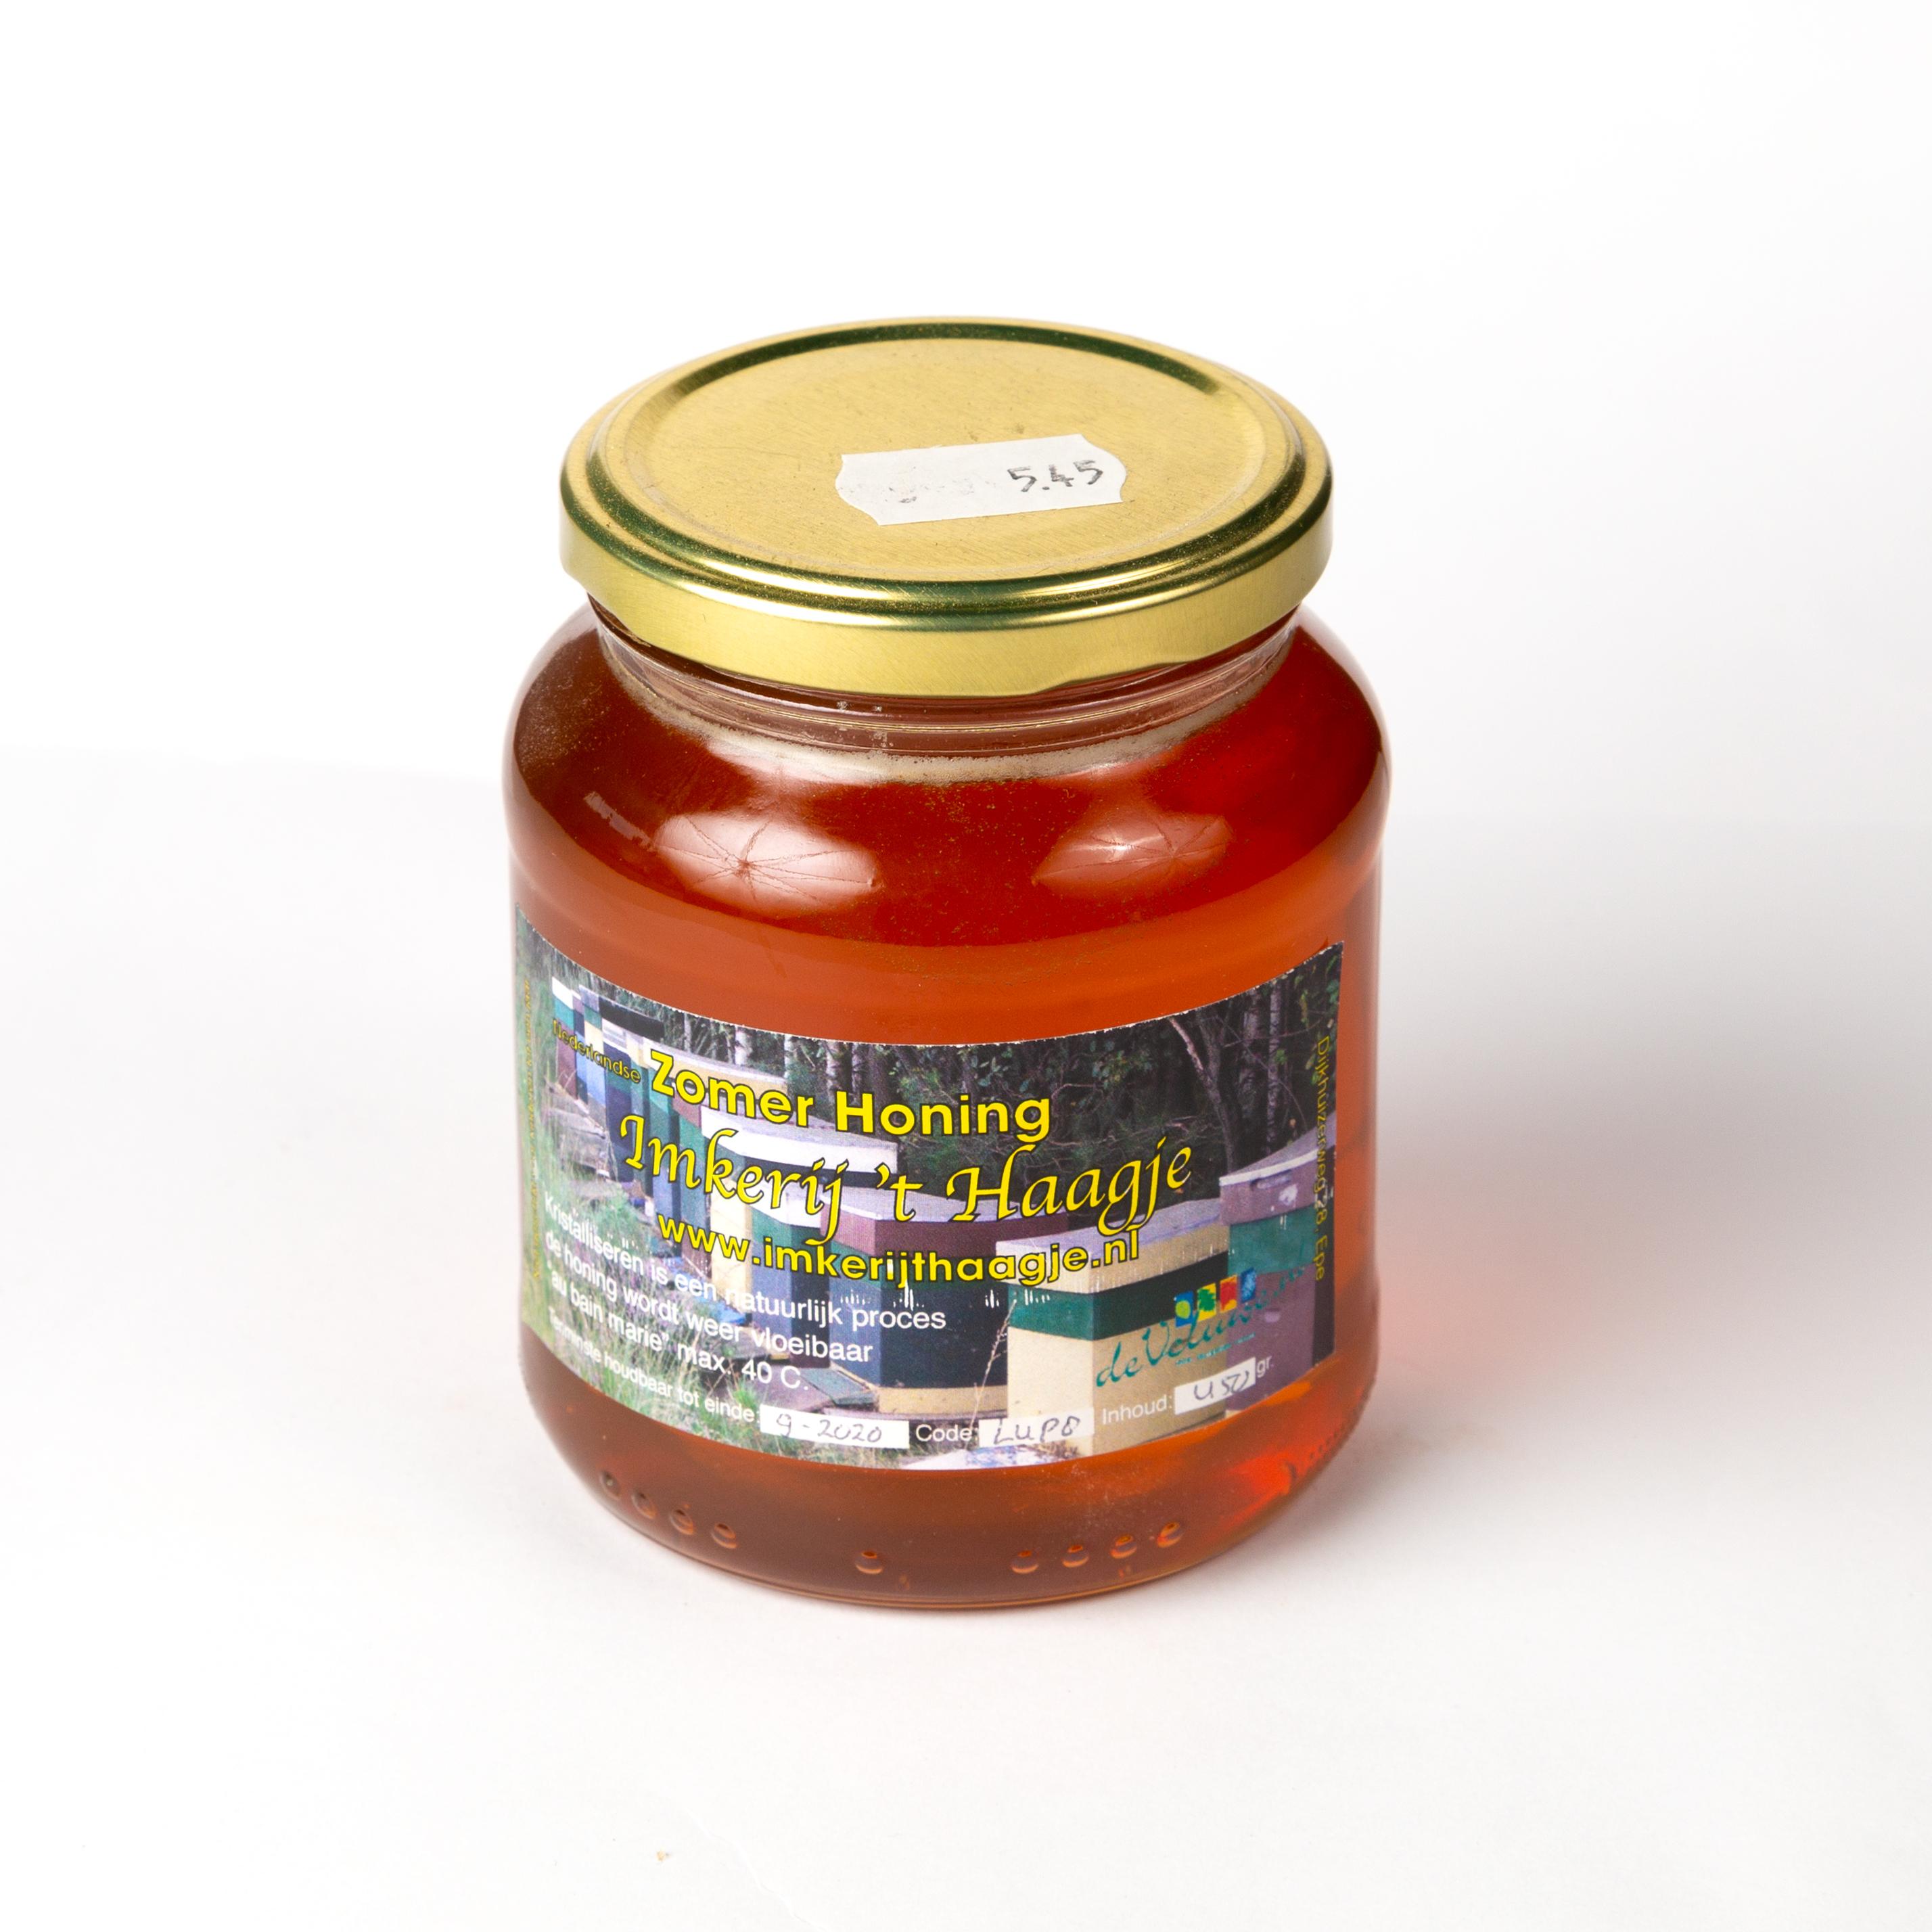 Zomer Honing